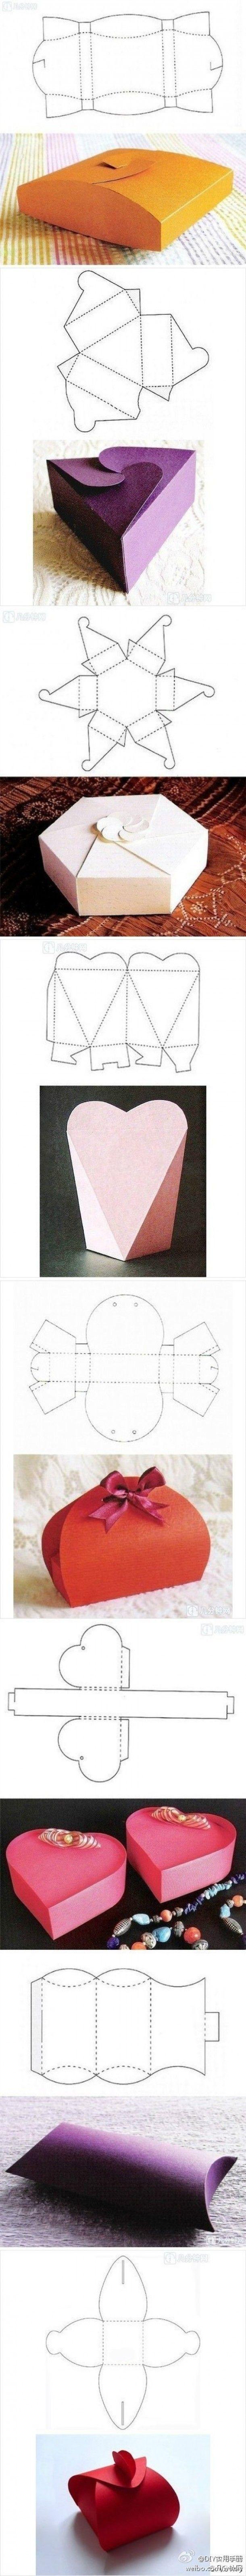 doosjes om zelf te maken Door WOUT02061999